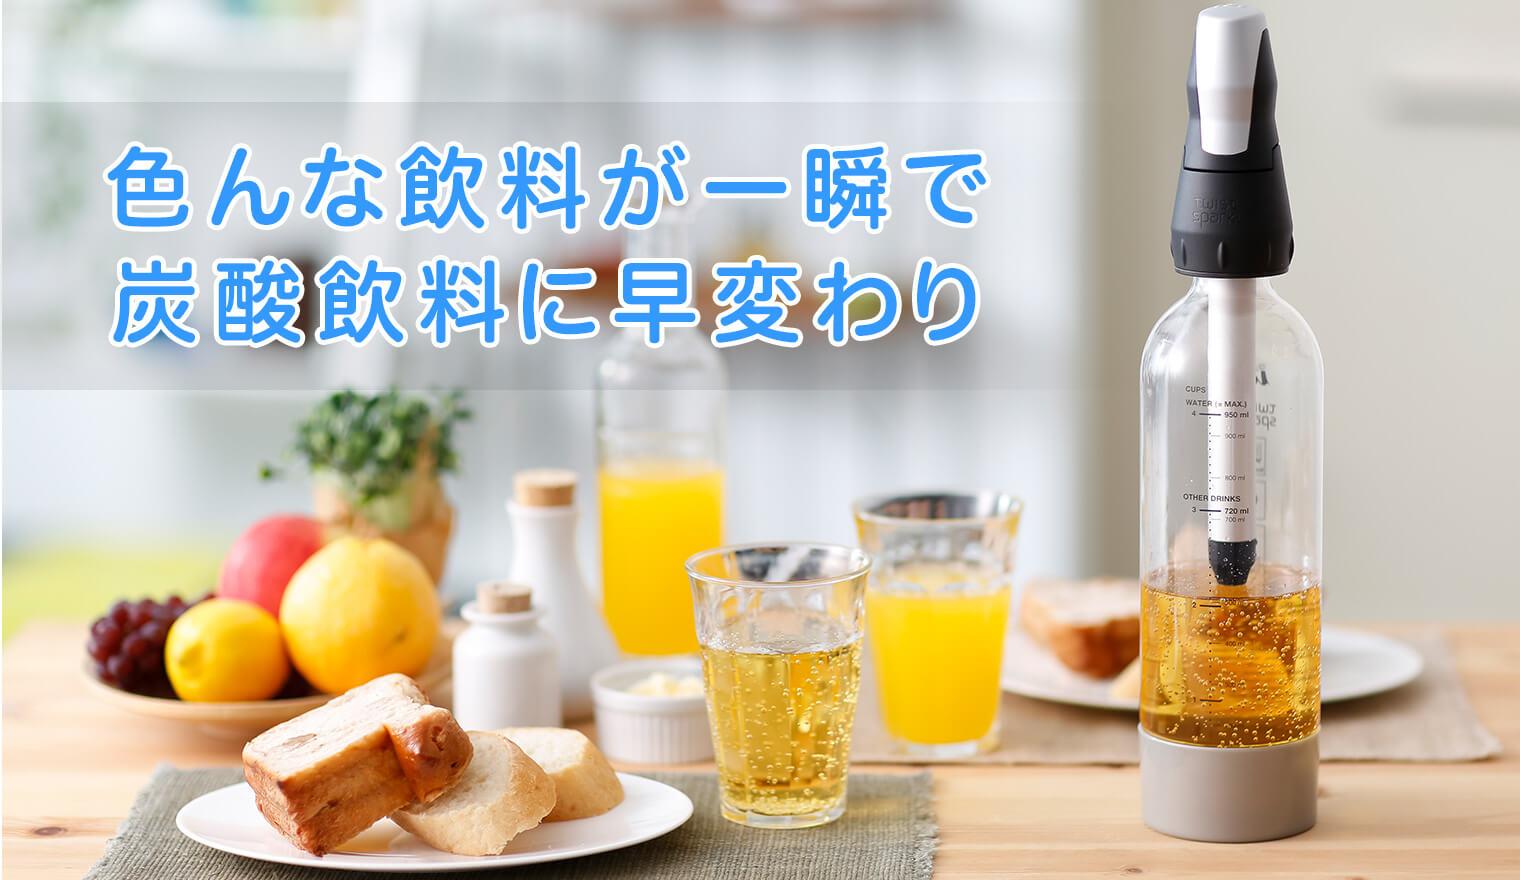 色んな飲み物を一瞬で炭酸飲料に変えるソーダマシン!ツイスパソーダ